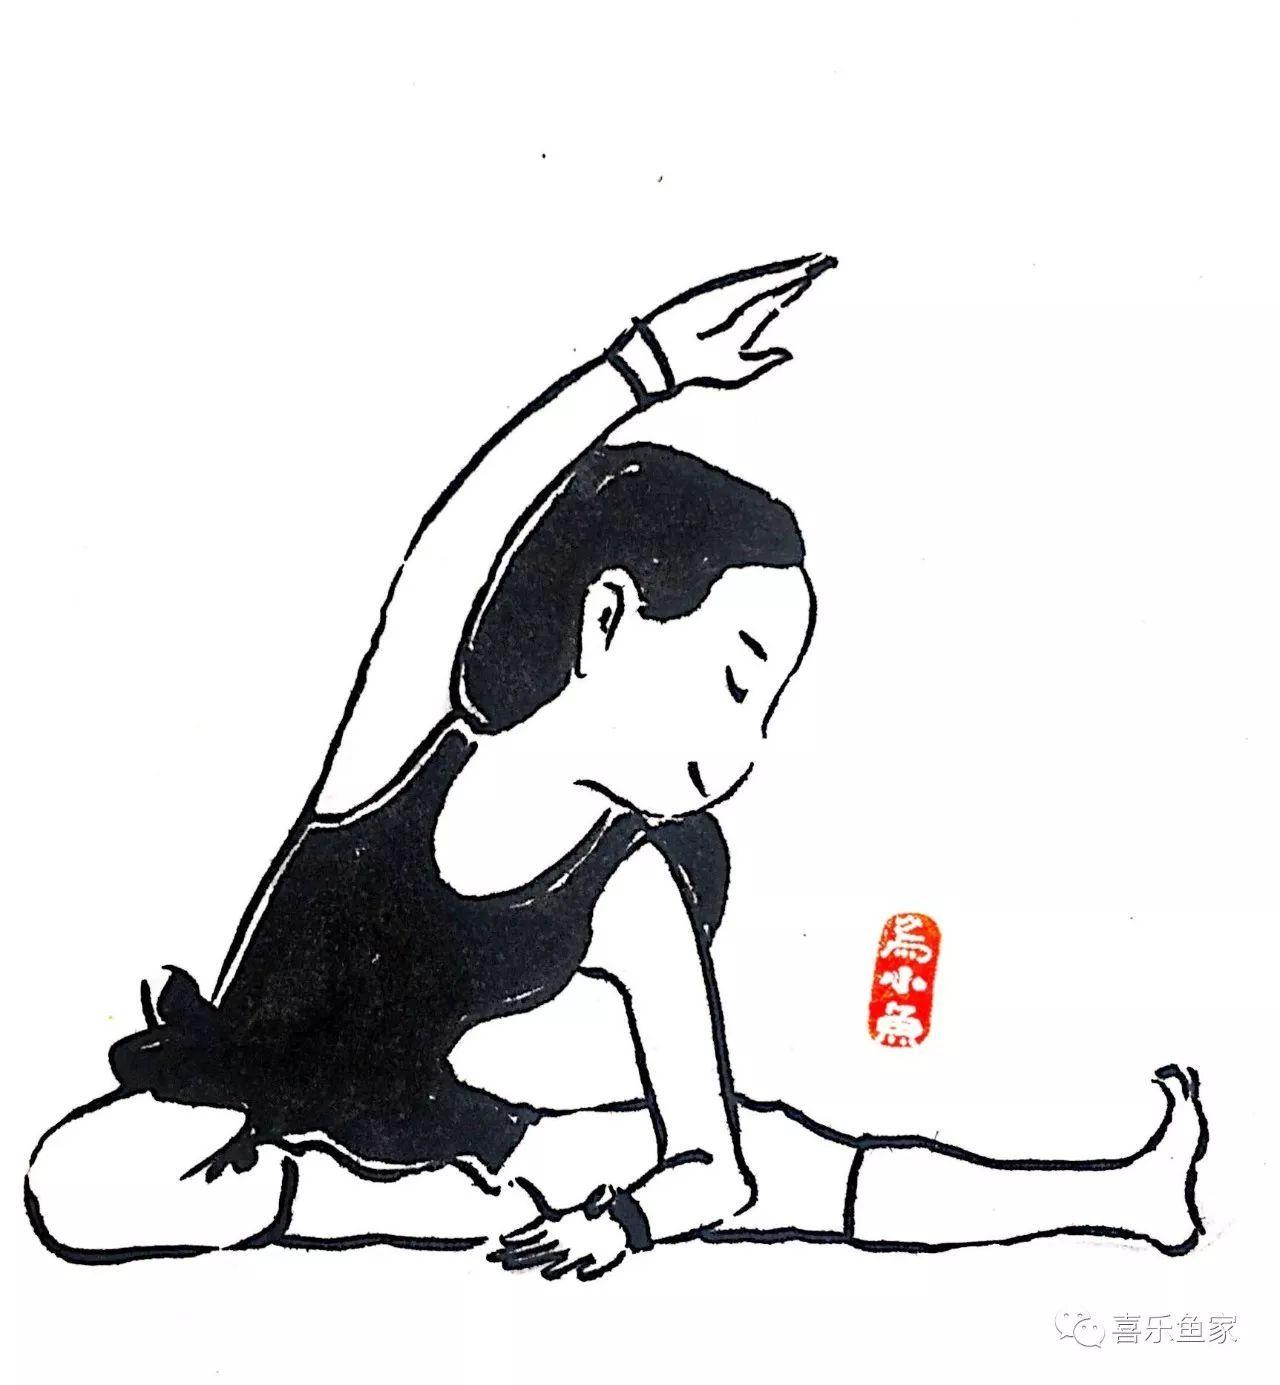 瑜伽表情萌萌哒|new